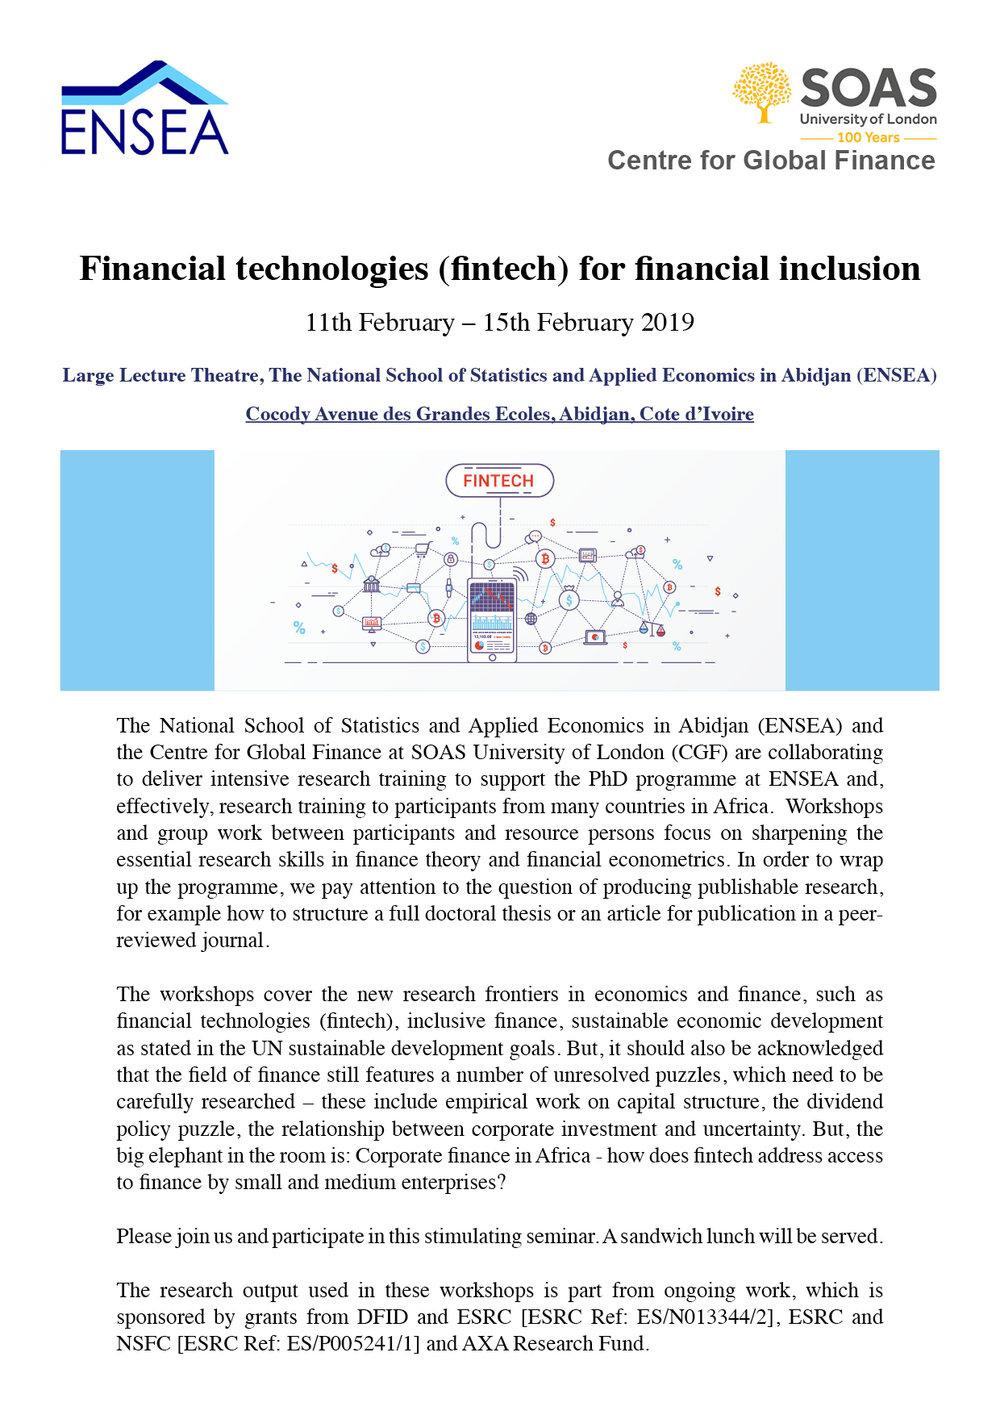 Fintech Workshop in Abdjan_flyer - Feb 2019.jpg